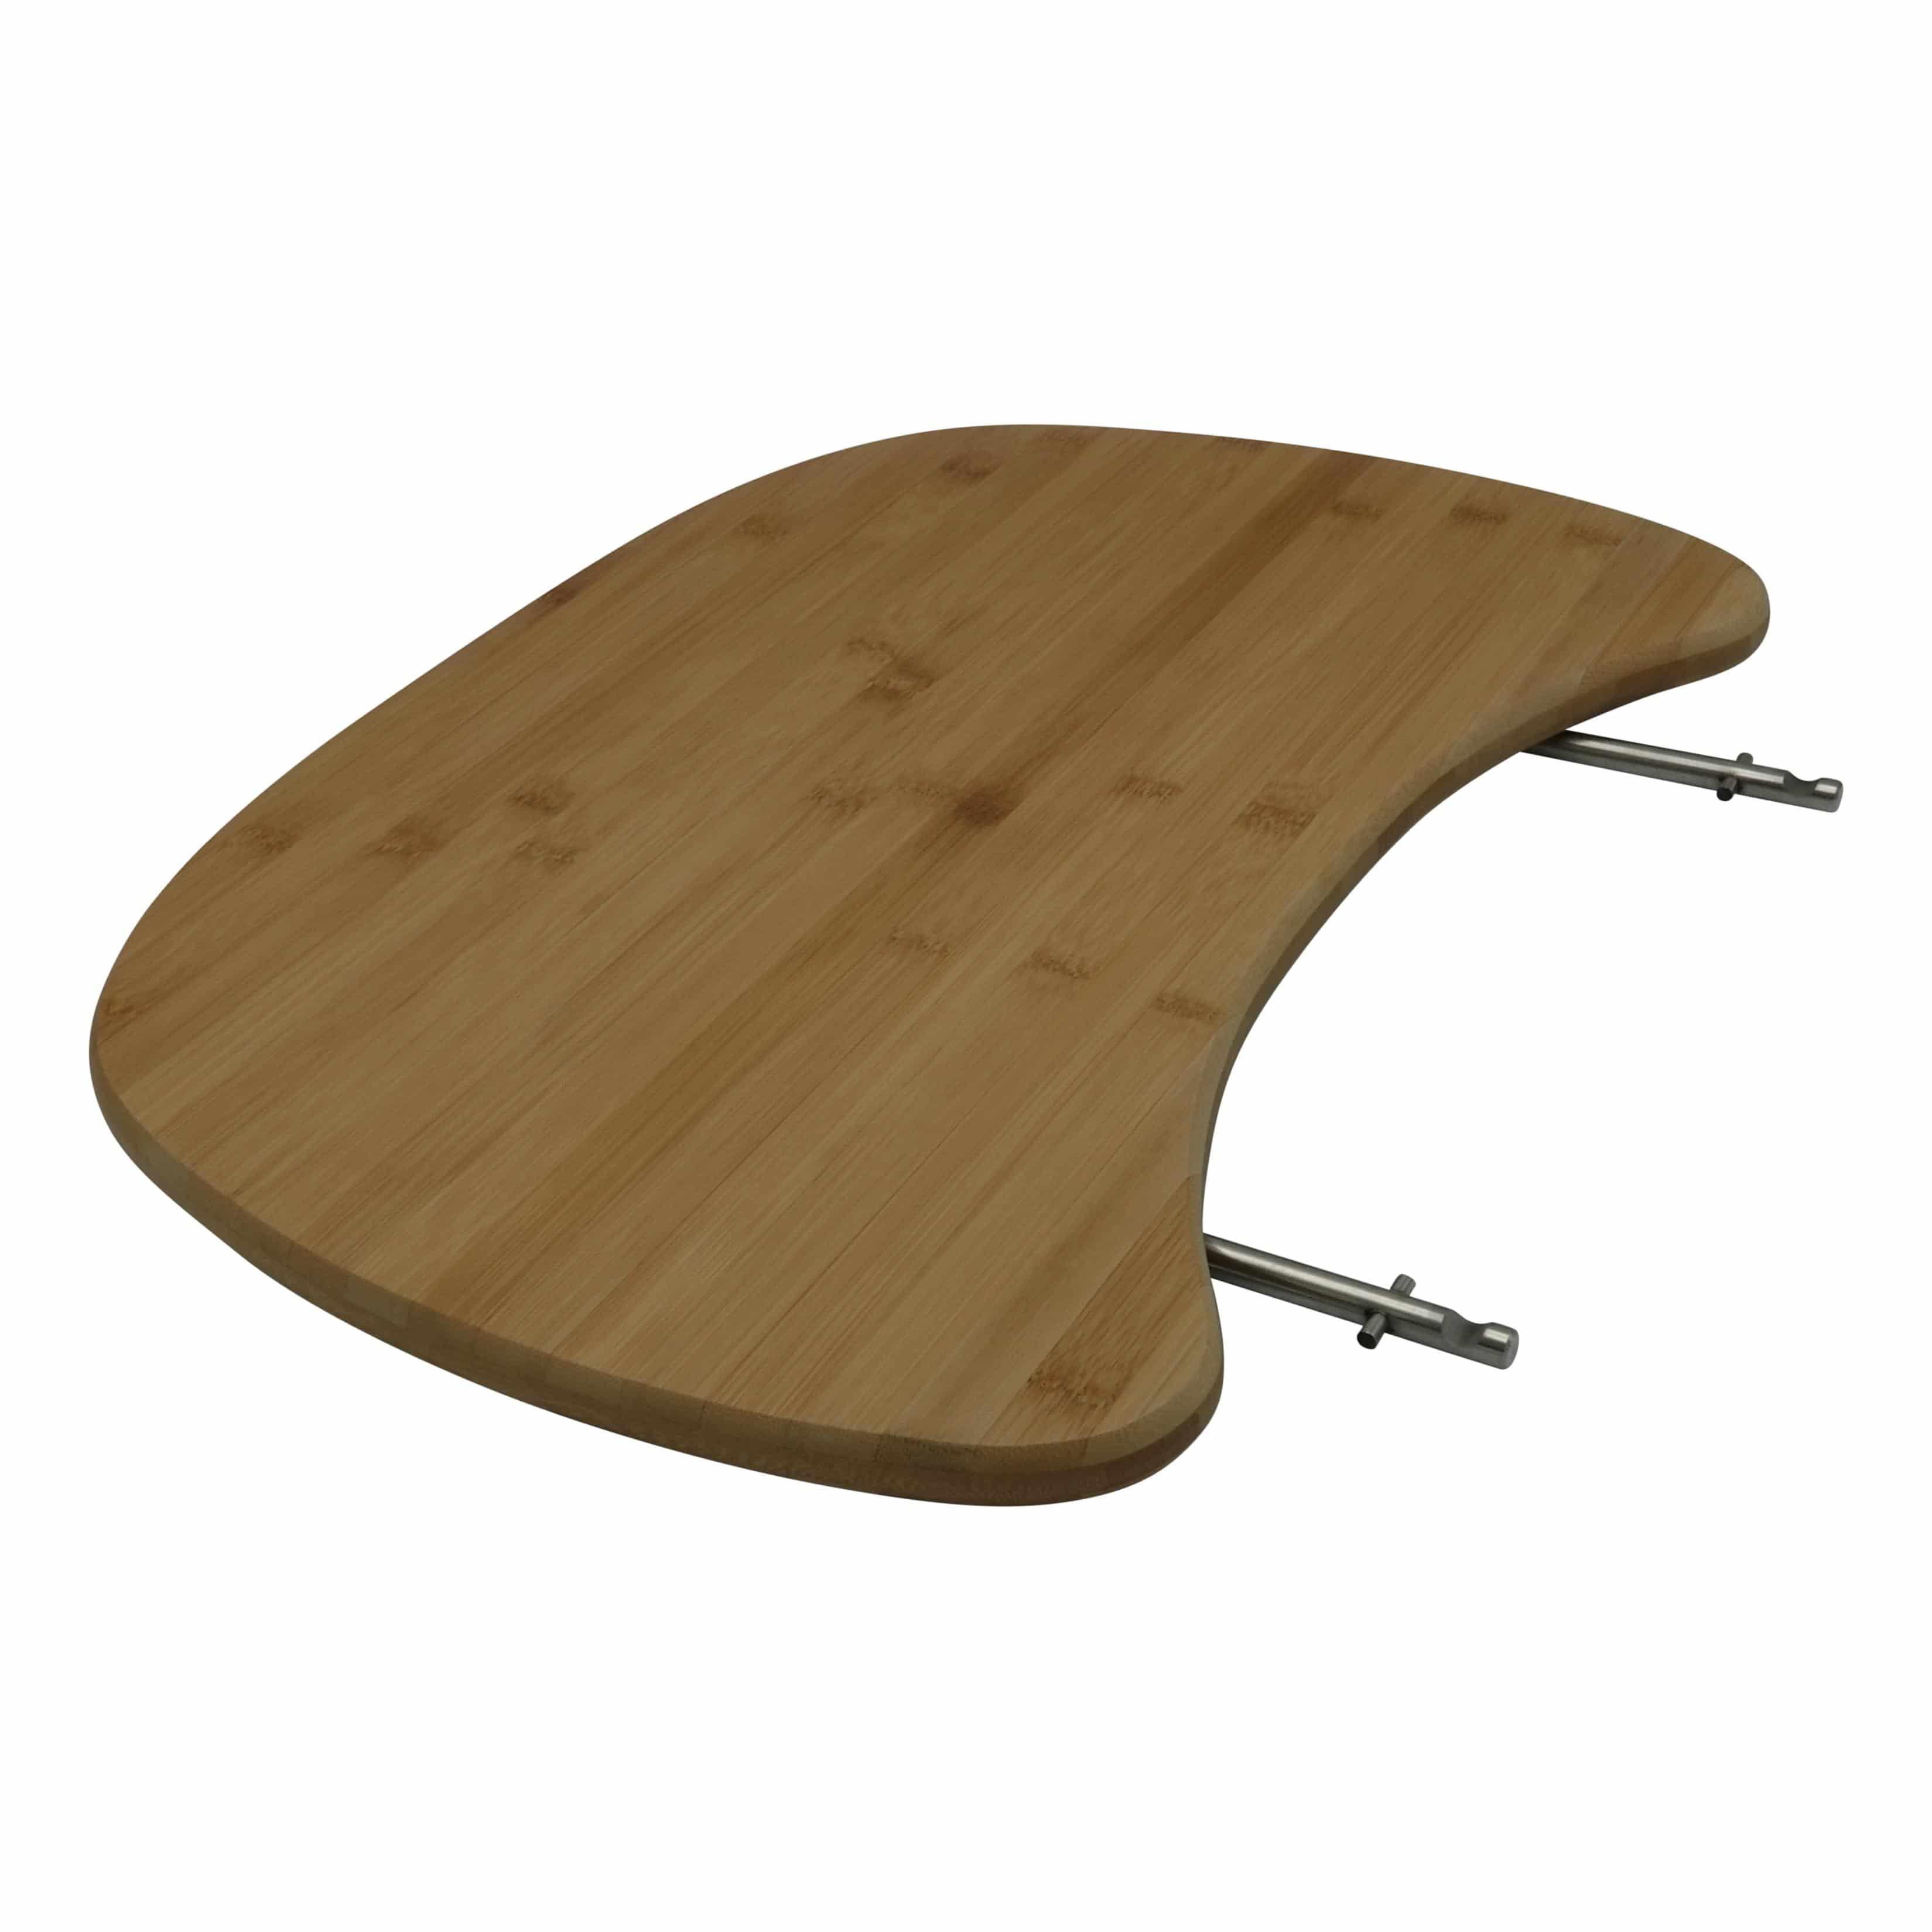 """4cookz® set van 2 bamboo zijtafels voor 21&amp"""" kamado - Patton 4cookz® Auplex"""